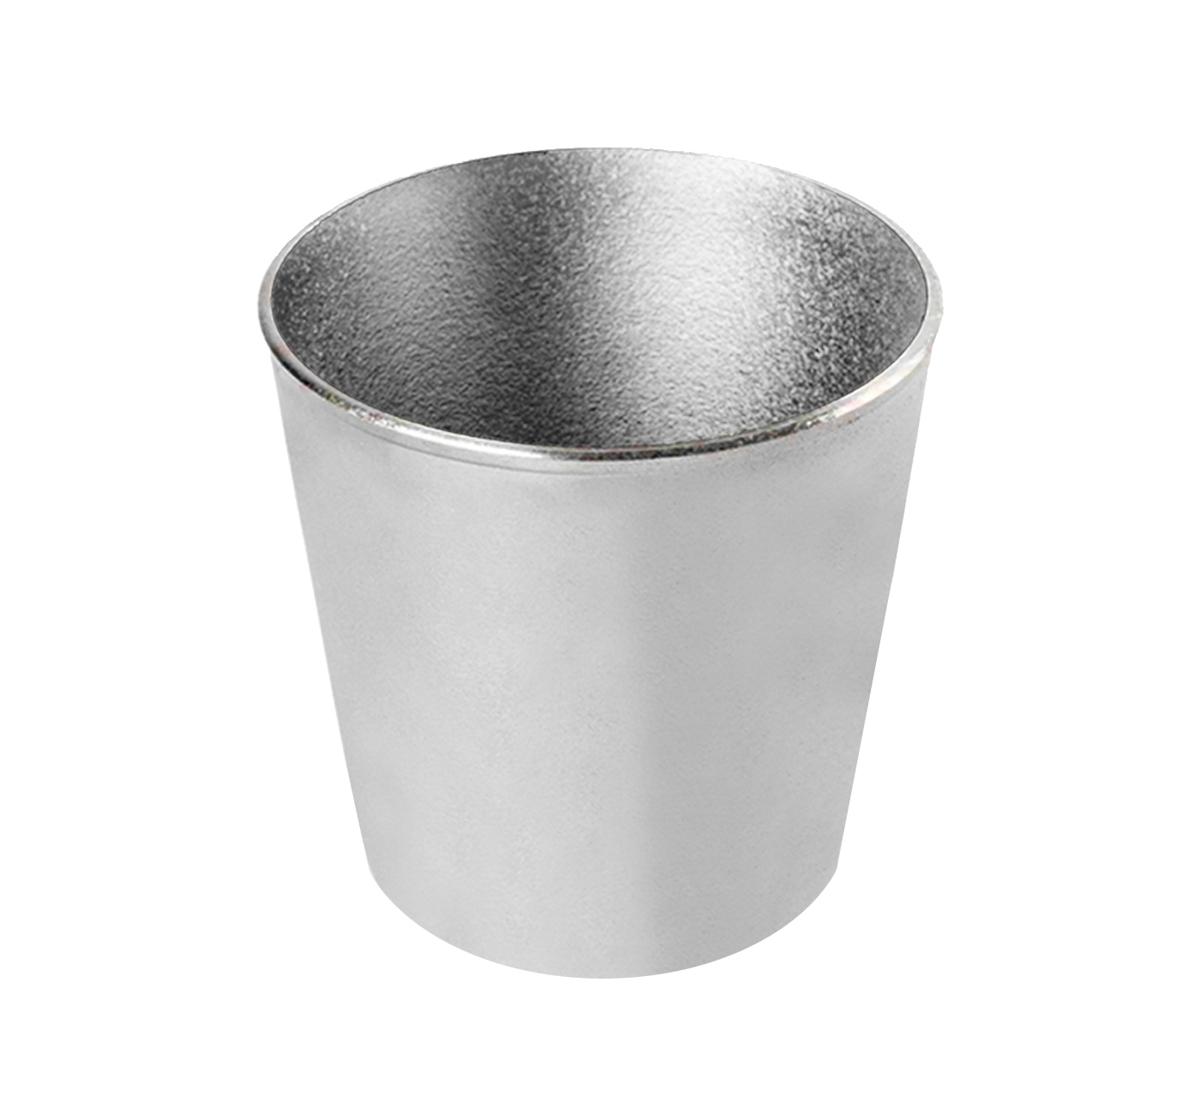 Форма для кулича Биол, 1 лFS-80299Форма для кулича Биол изготовлена из прочного алюминия. Изделие специально предназначено для приготовления кулича. Можно использовать в духовом шкафу. Диаметр (по верхнему краю): 12 см. Диаметр основания: 9 см. Высота стенки: 12 см.